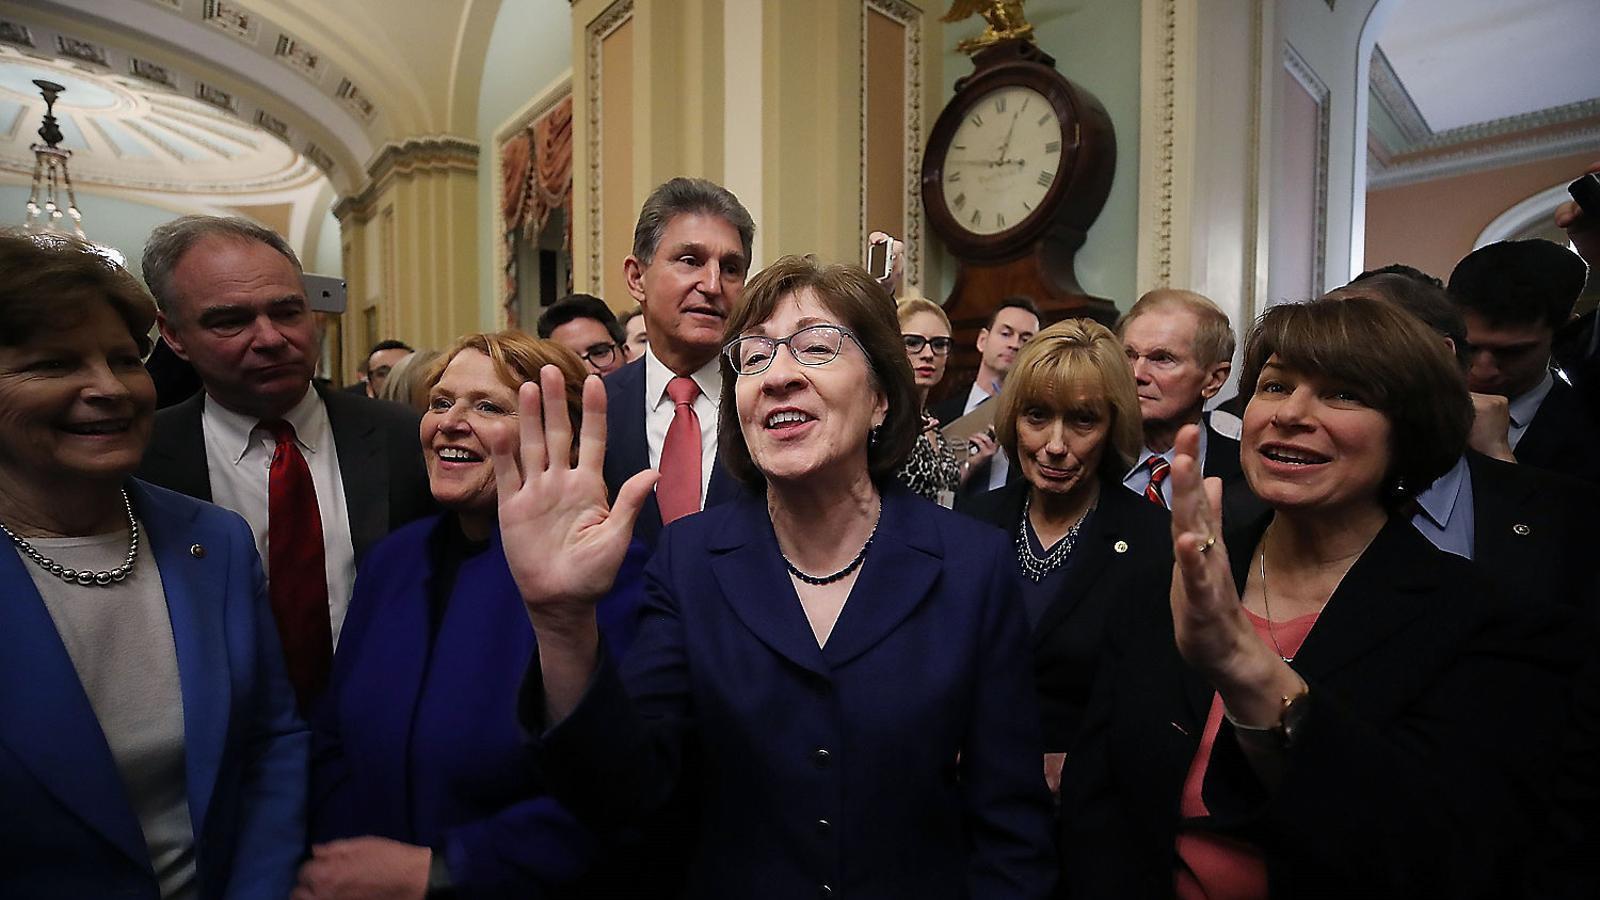 Acord temporal per reobrir el govern dels EUA